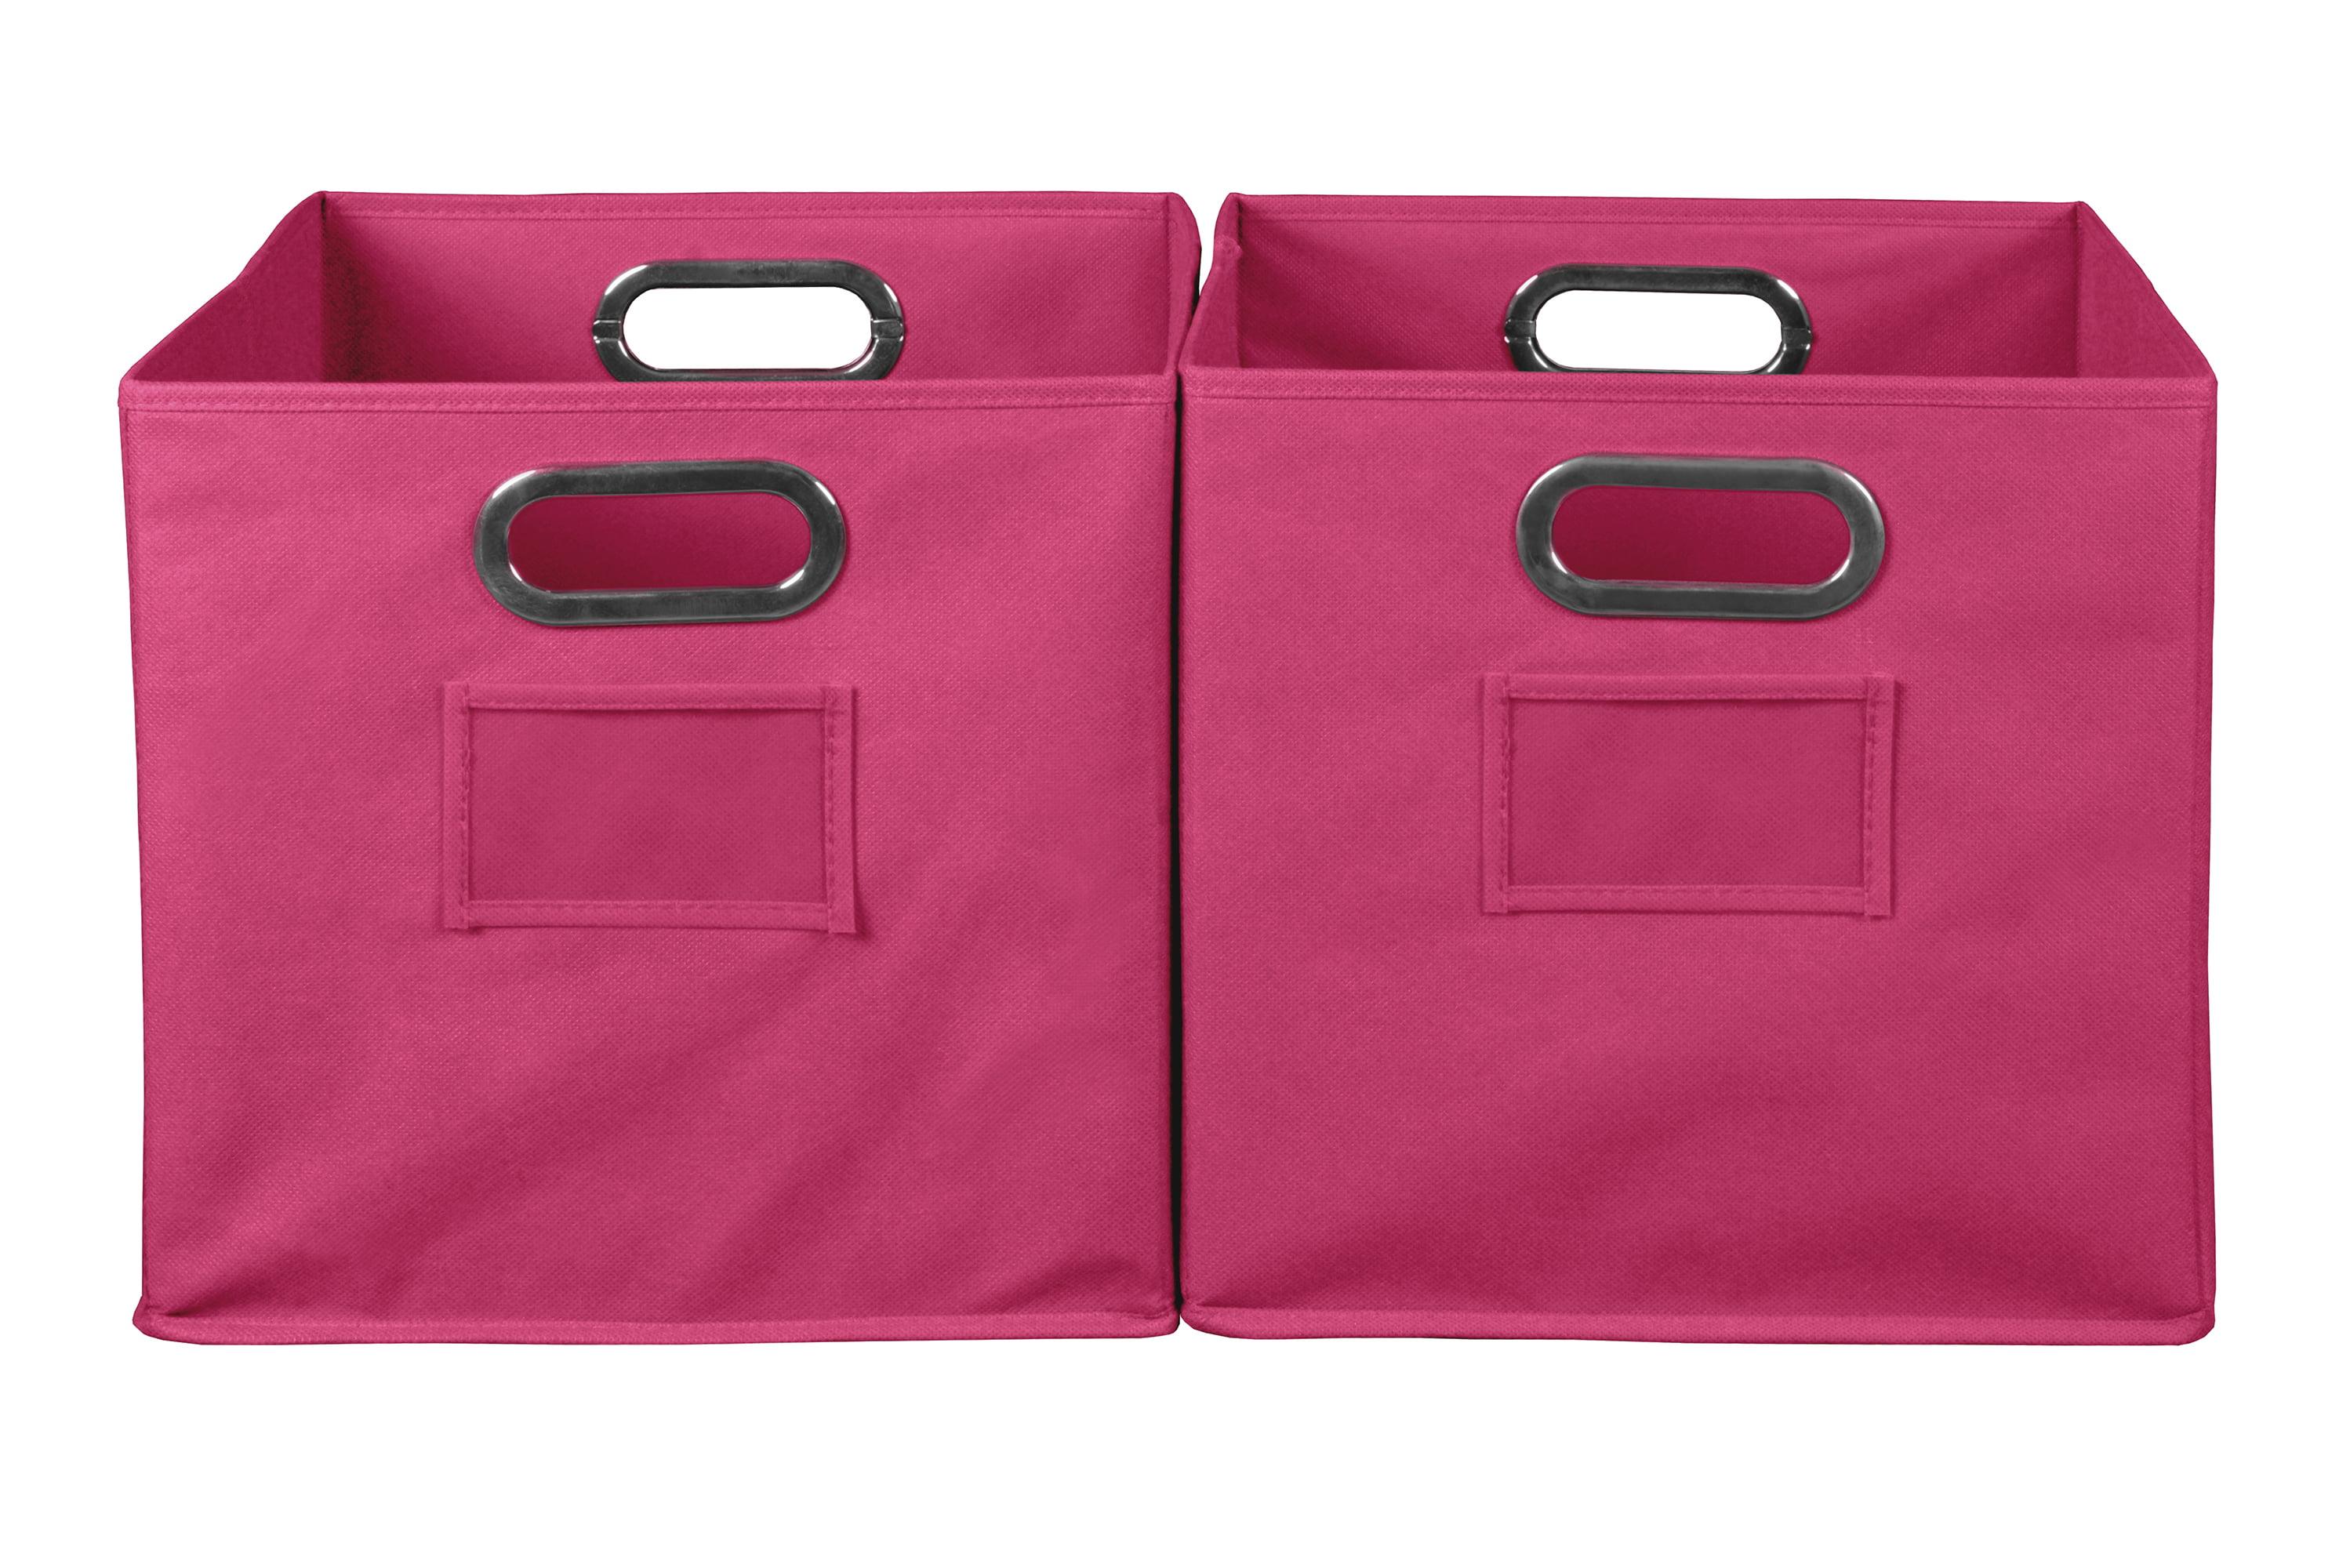 Niche Cubo Foldable Fabric Storage Bin, Set of 2- Teal by Regency